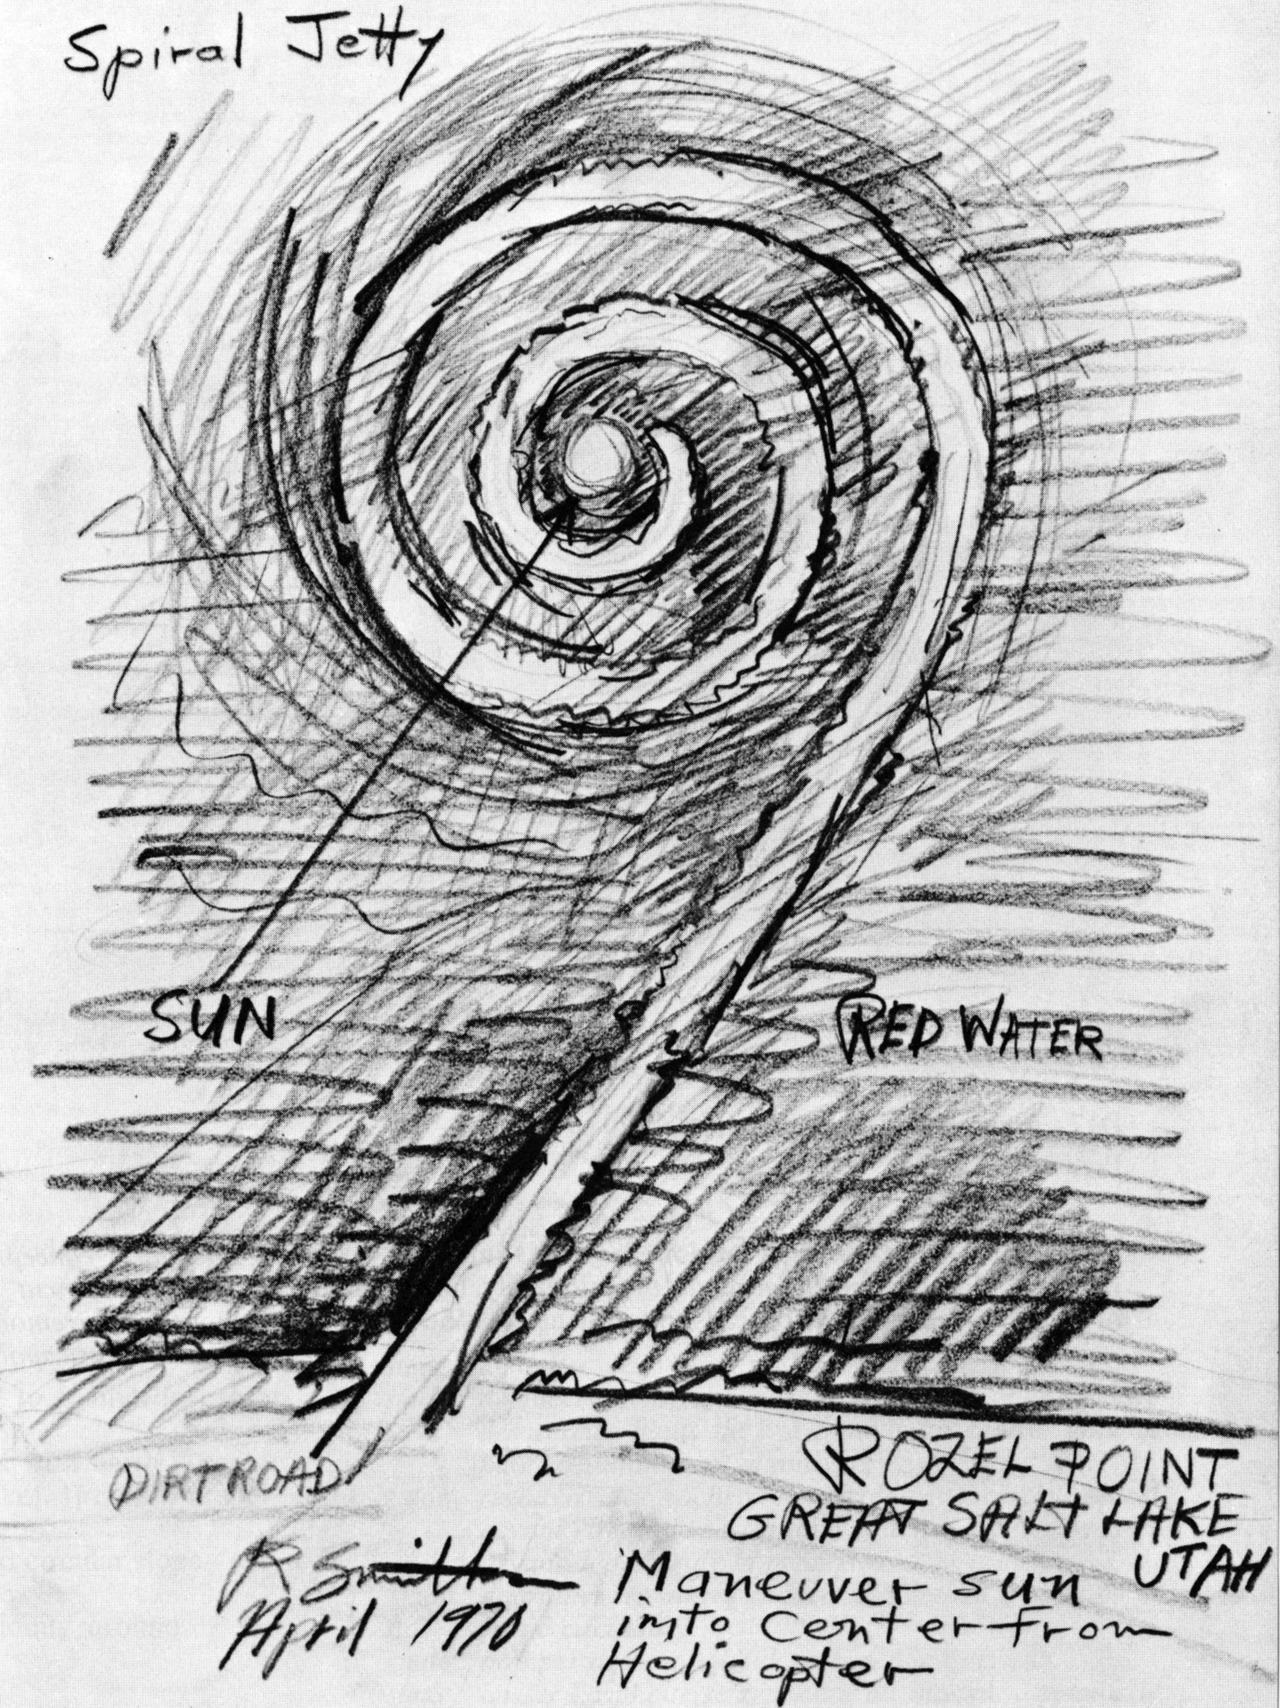 Robert Smithson / Spiral Jetty